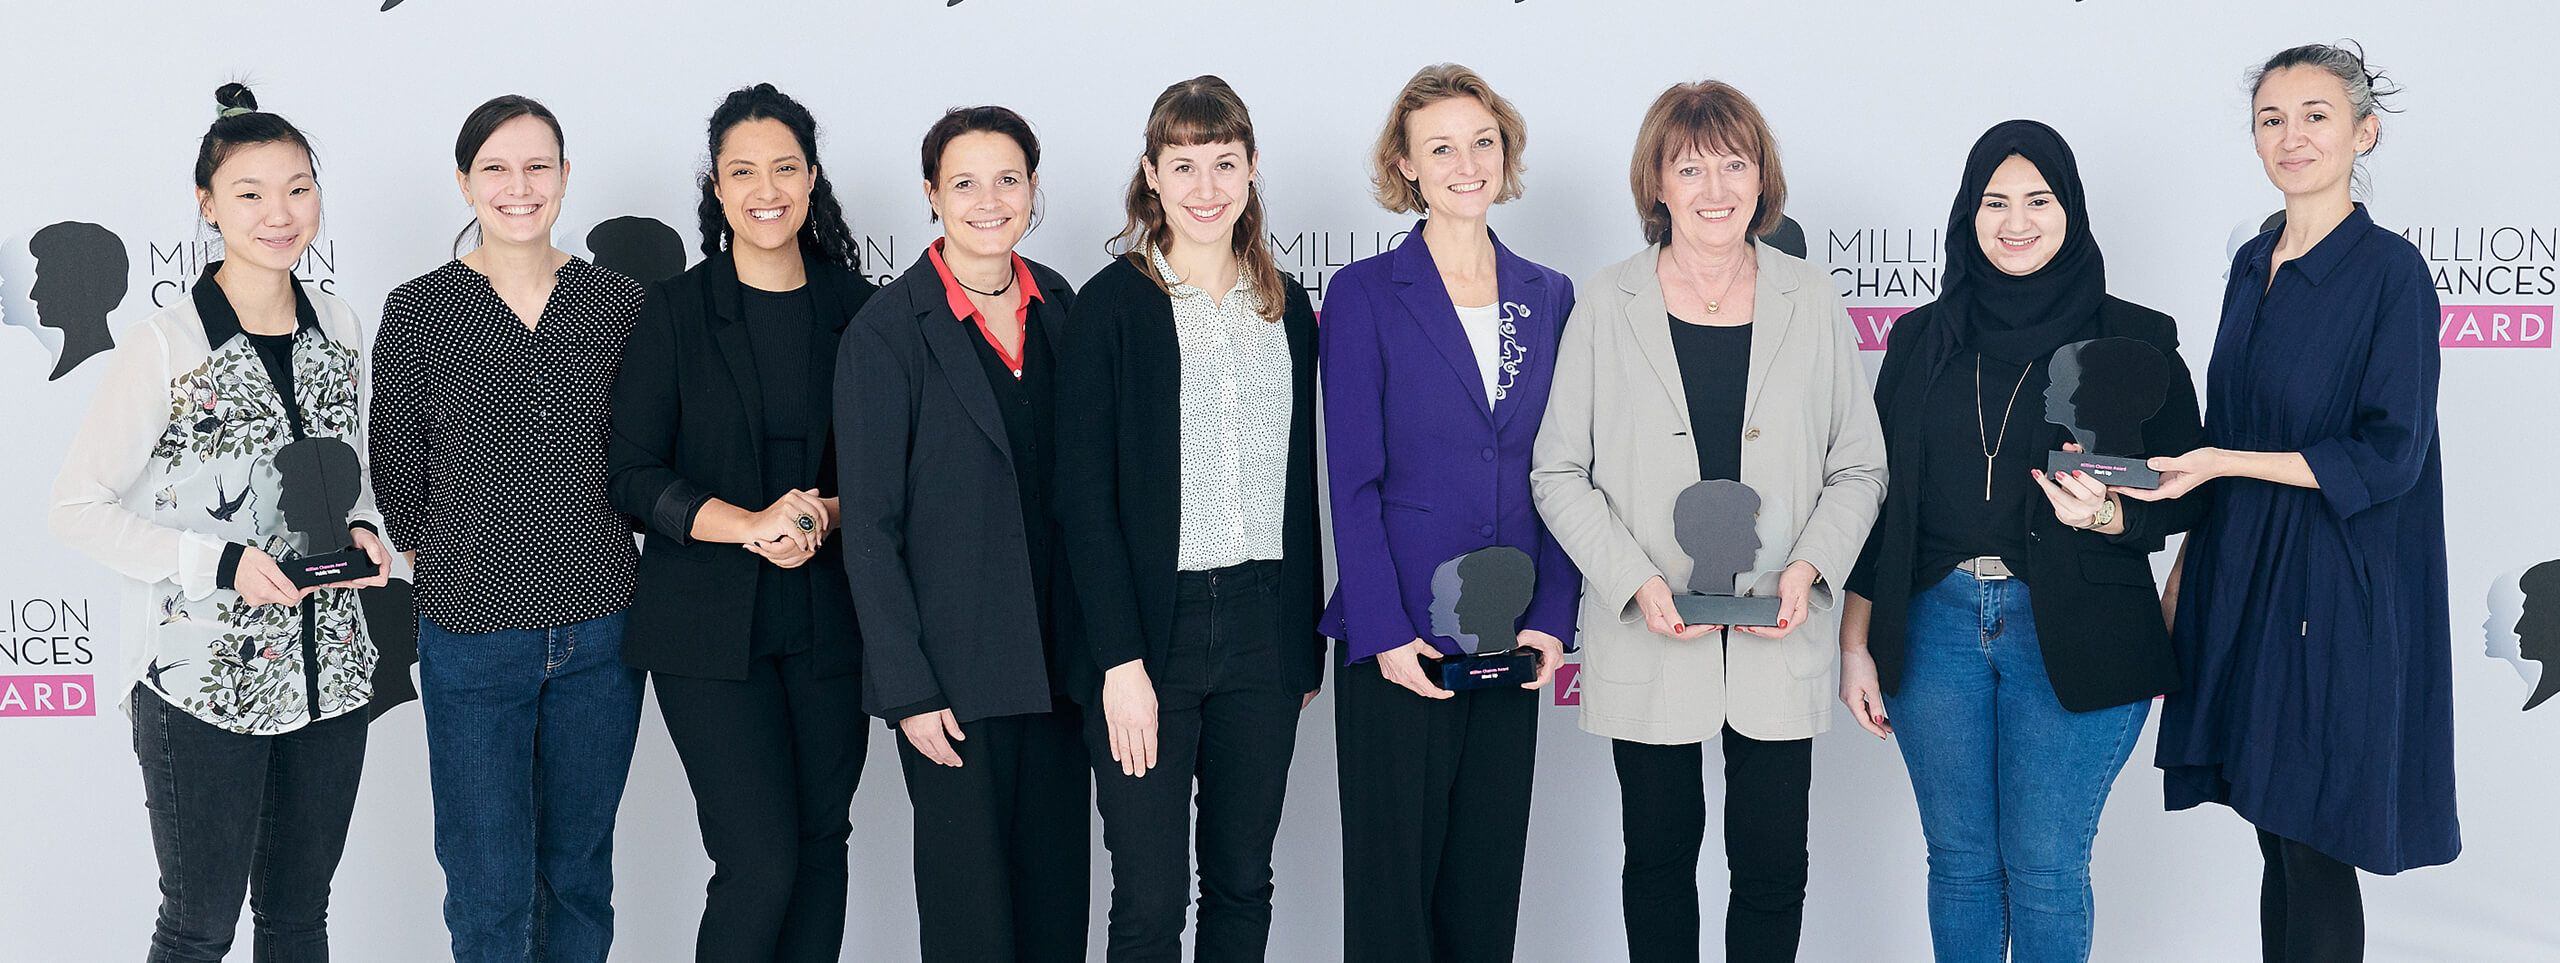 Die strahlenden Gewinnerinnen des 2. Million Chances Awards von Schwarzkopf